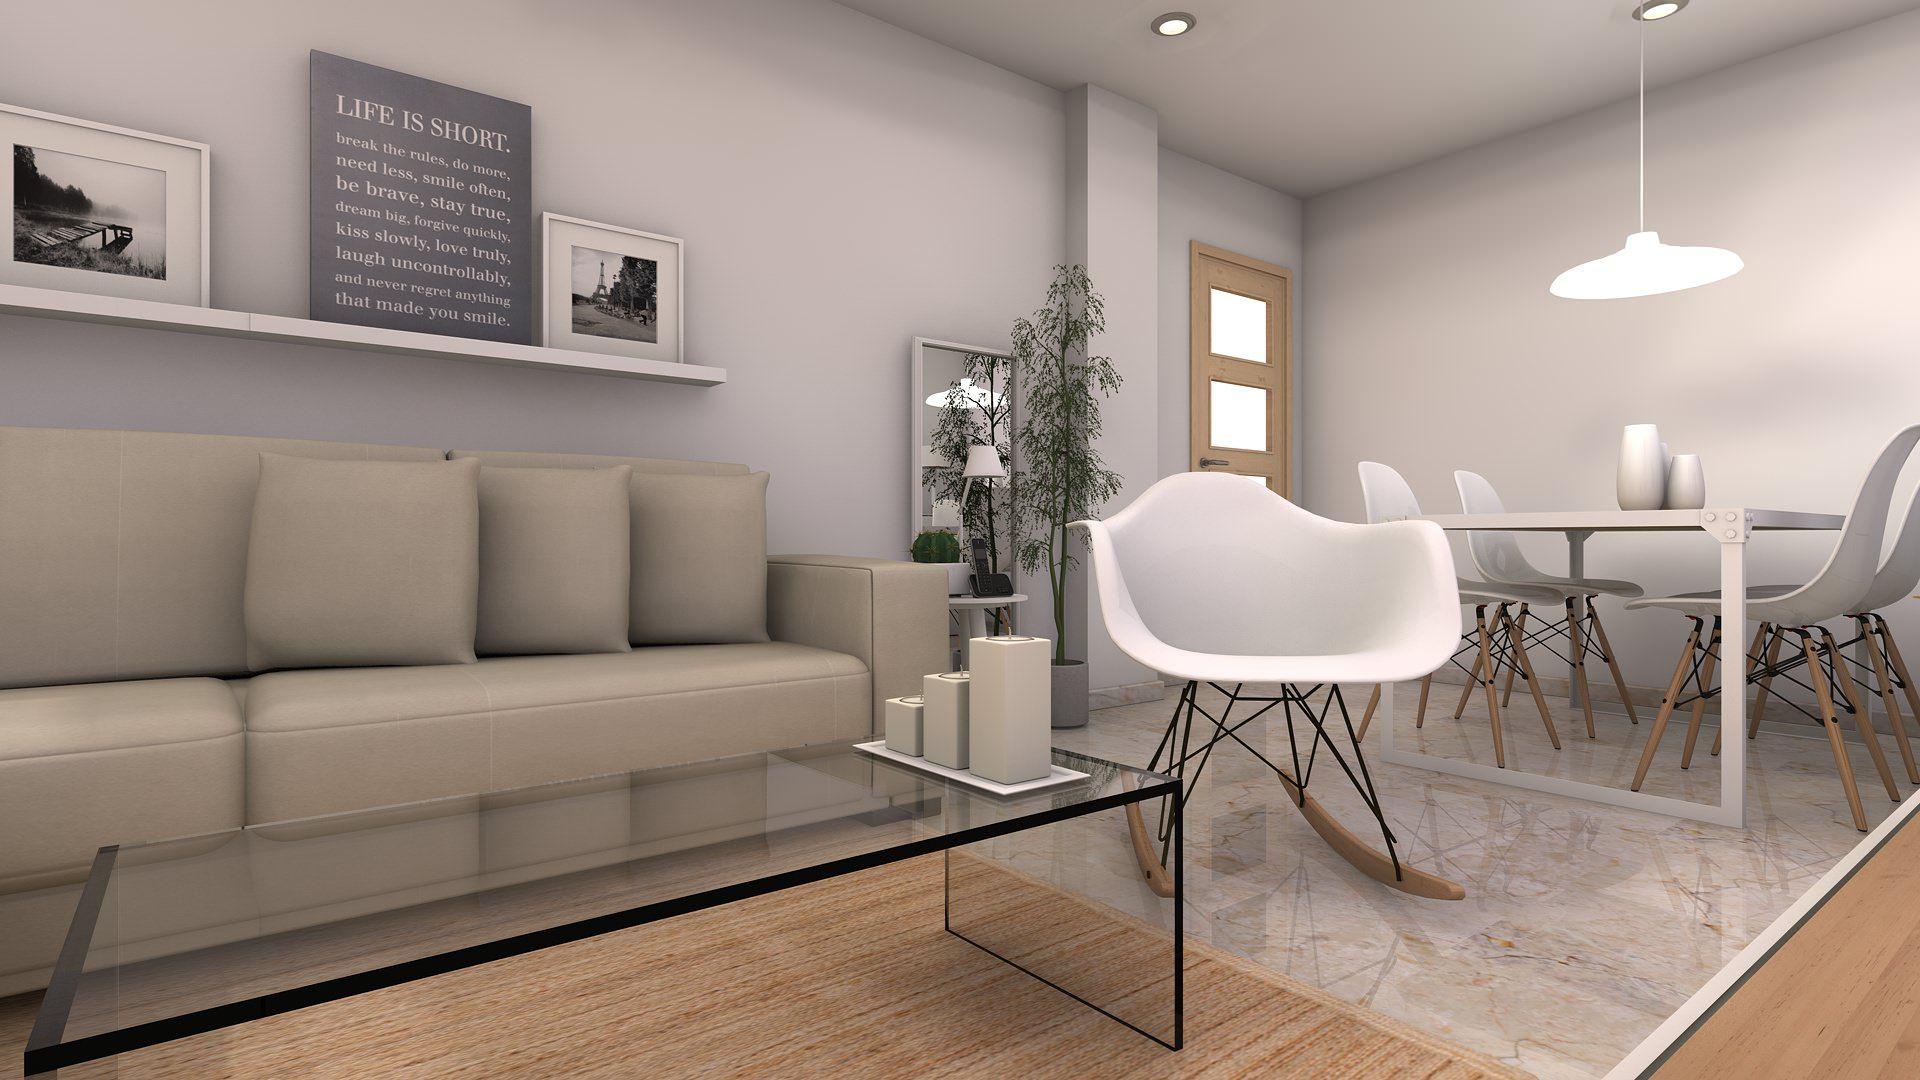 El sal n comedor c mo distribuirlo creaespai muebles for Muebles para salones pequenos